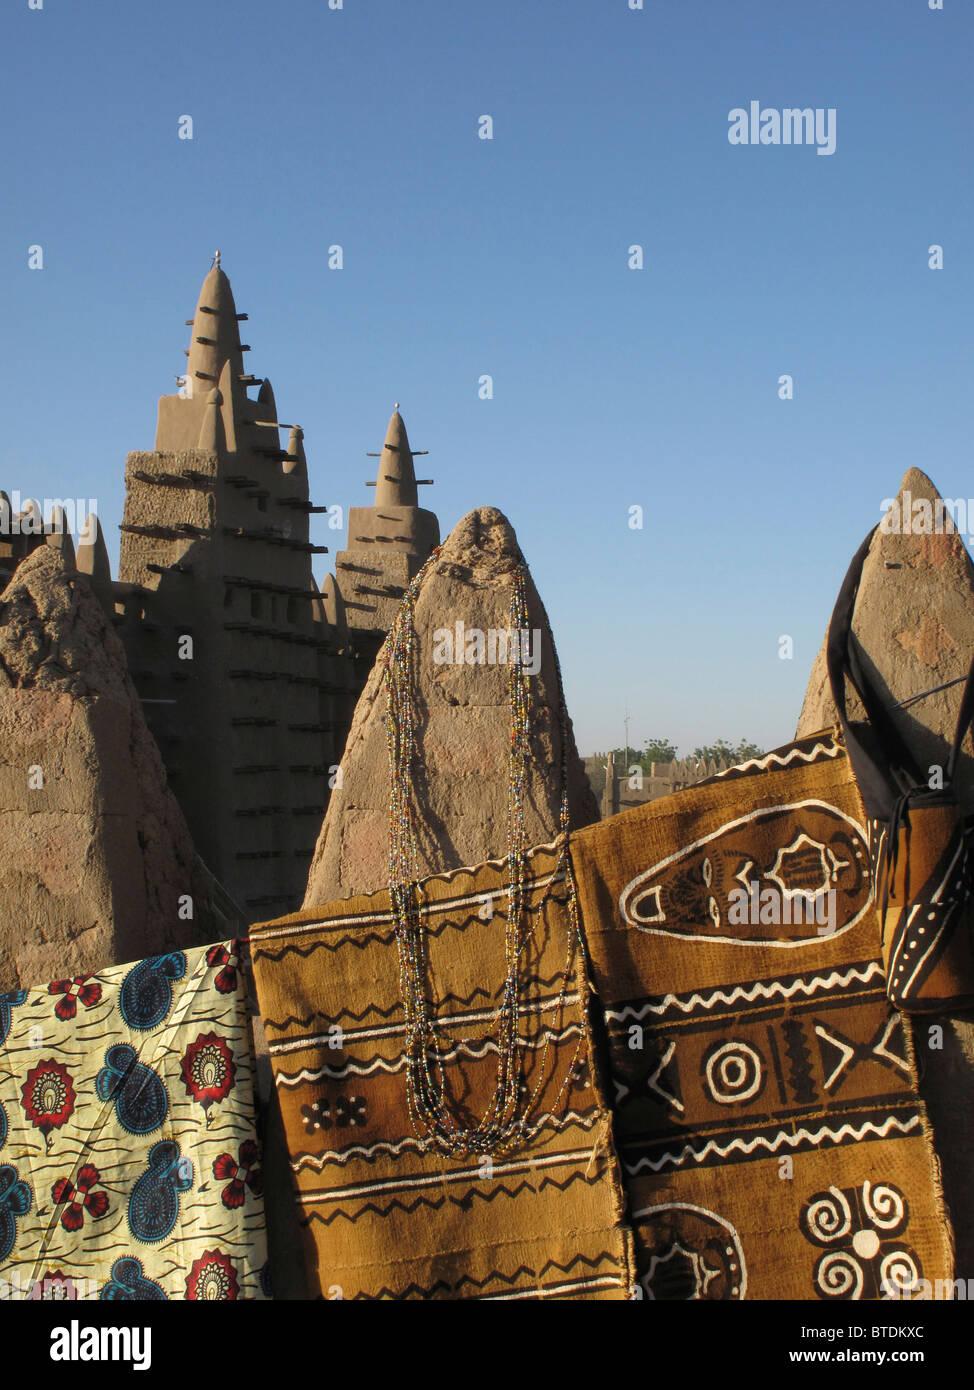 Tissu de boue traditionnelles (bogolan) en vente à la marché de Djenné Photo Stock